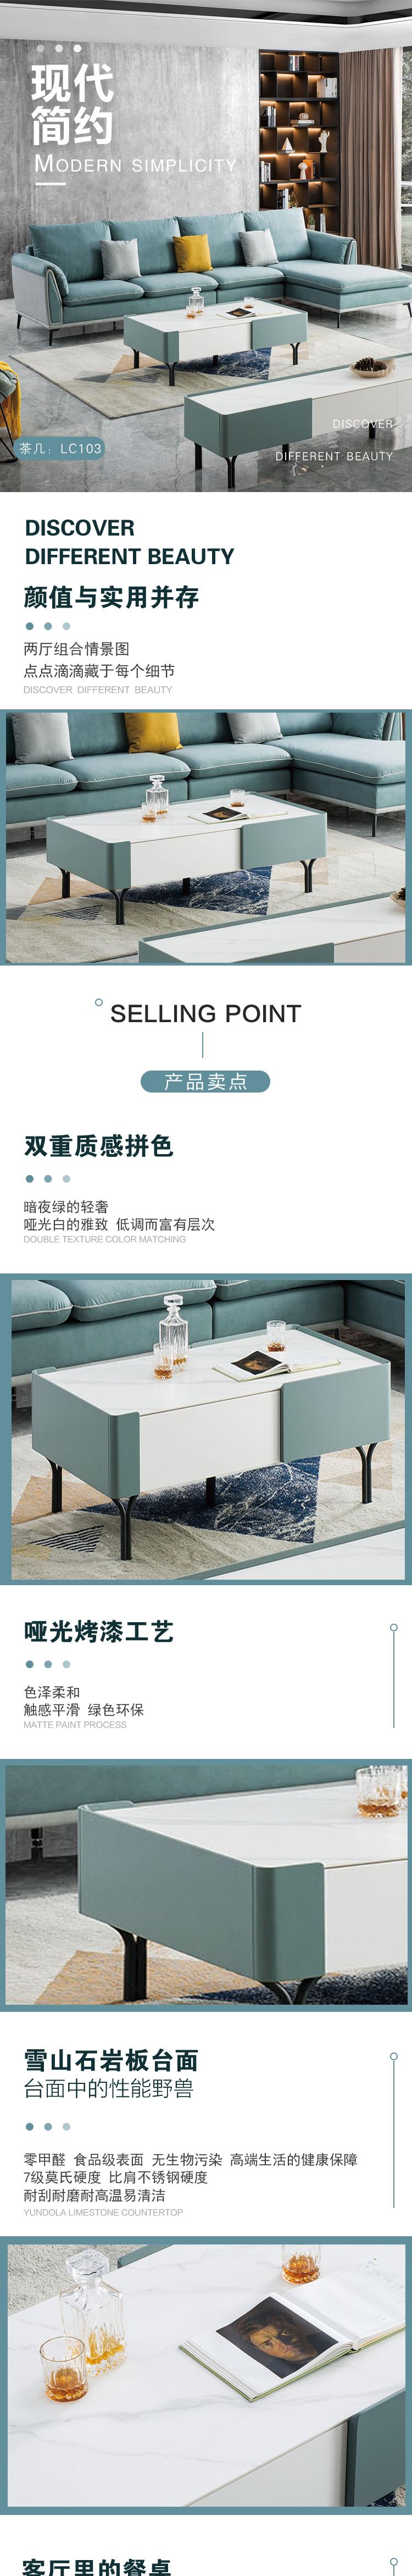 LC103茶幾_01.jpg